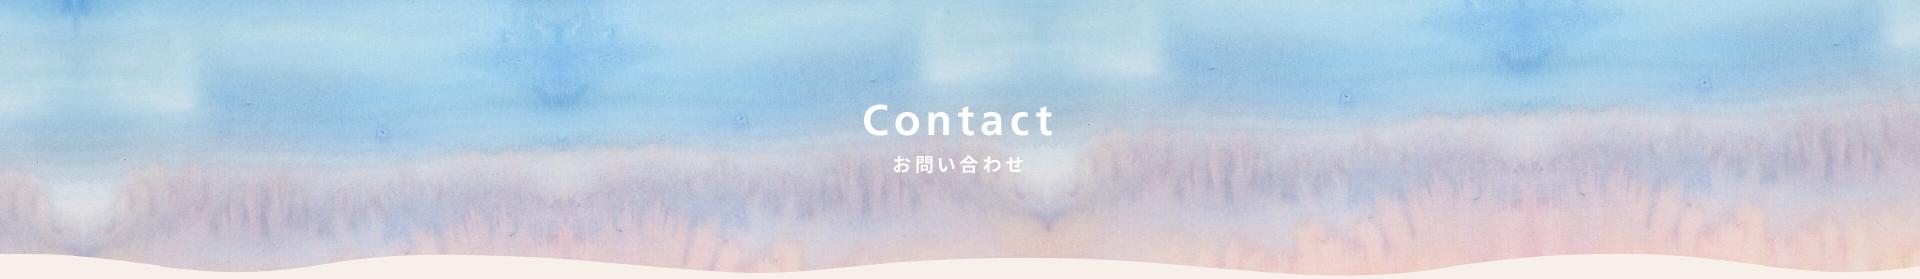 やすらぎケアセンター藤沢へのお問い合わせ